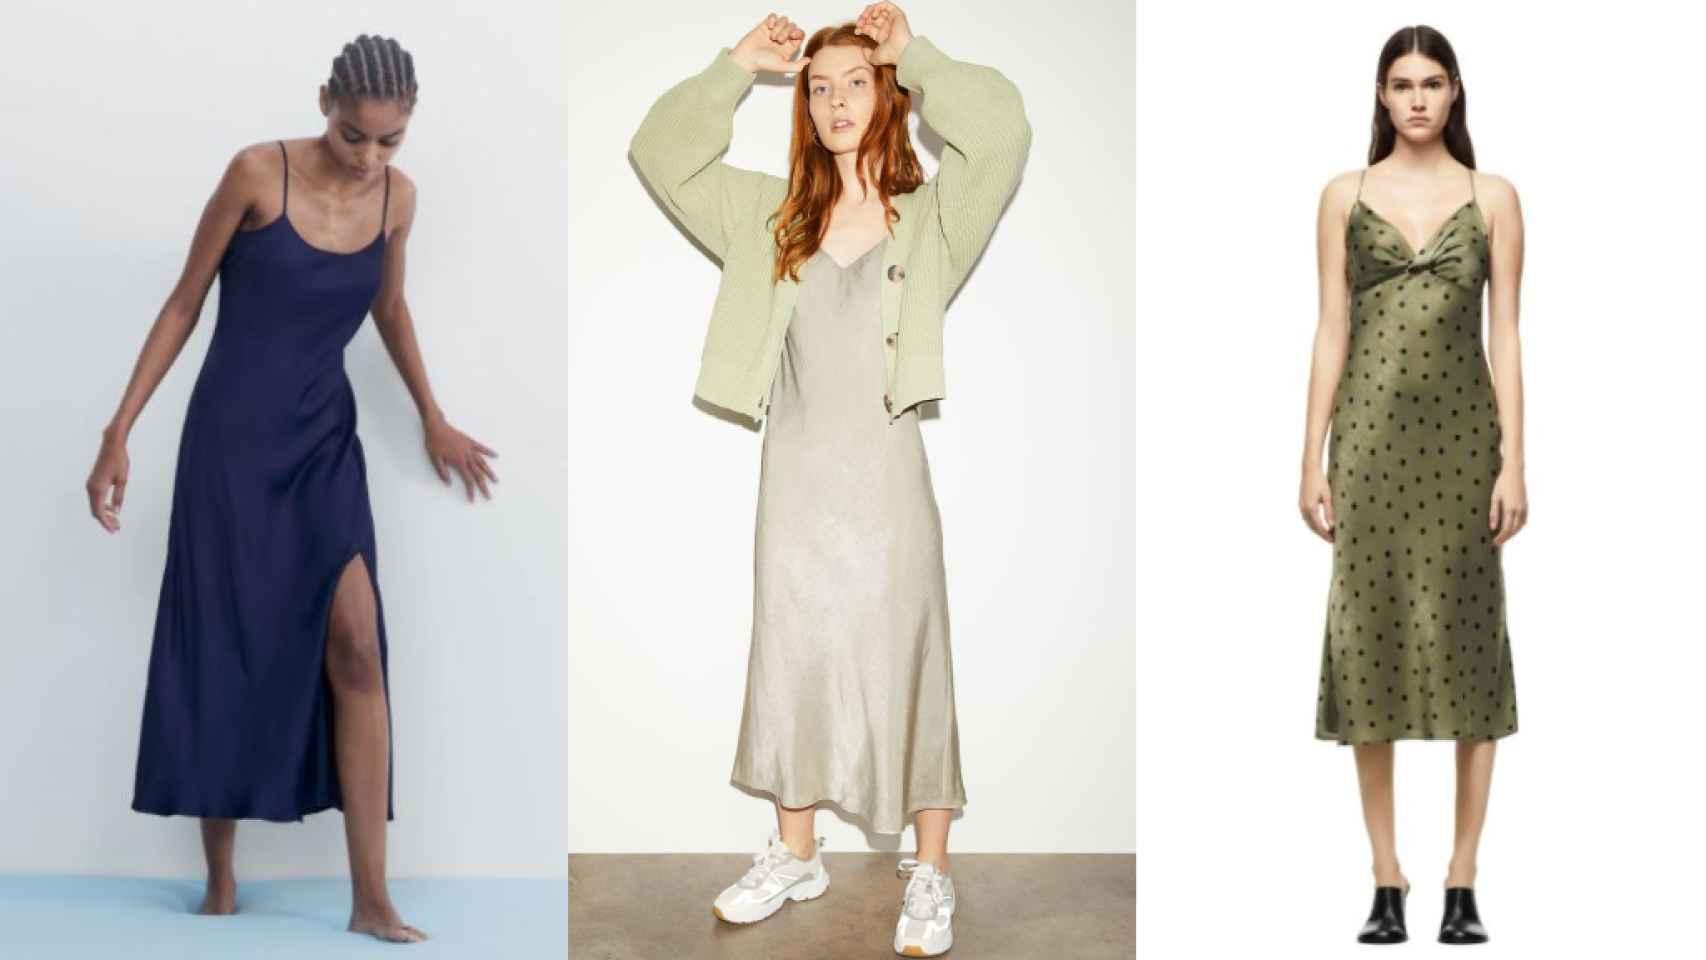 Algunos de los vestidos lenceros que se venden en Zara y H&M.